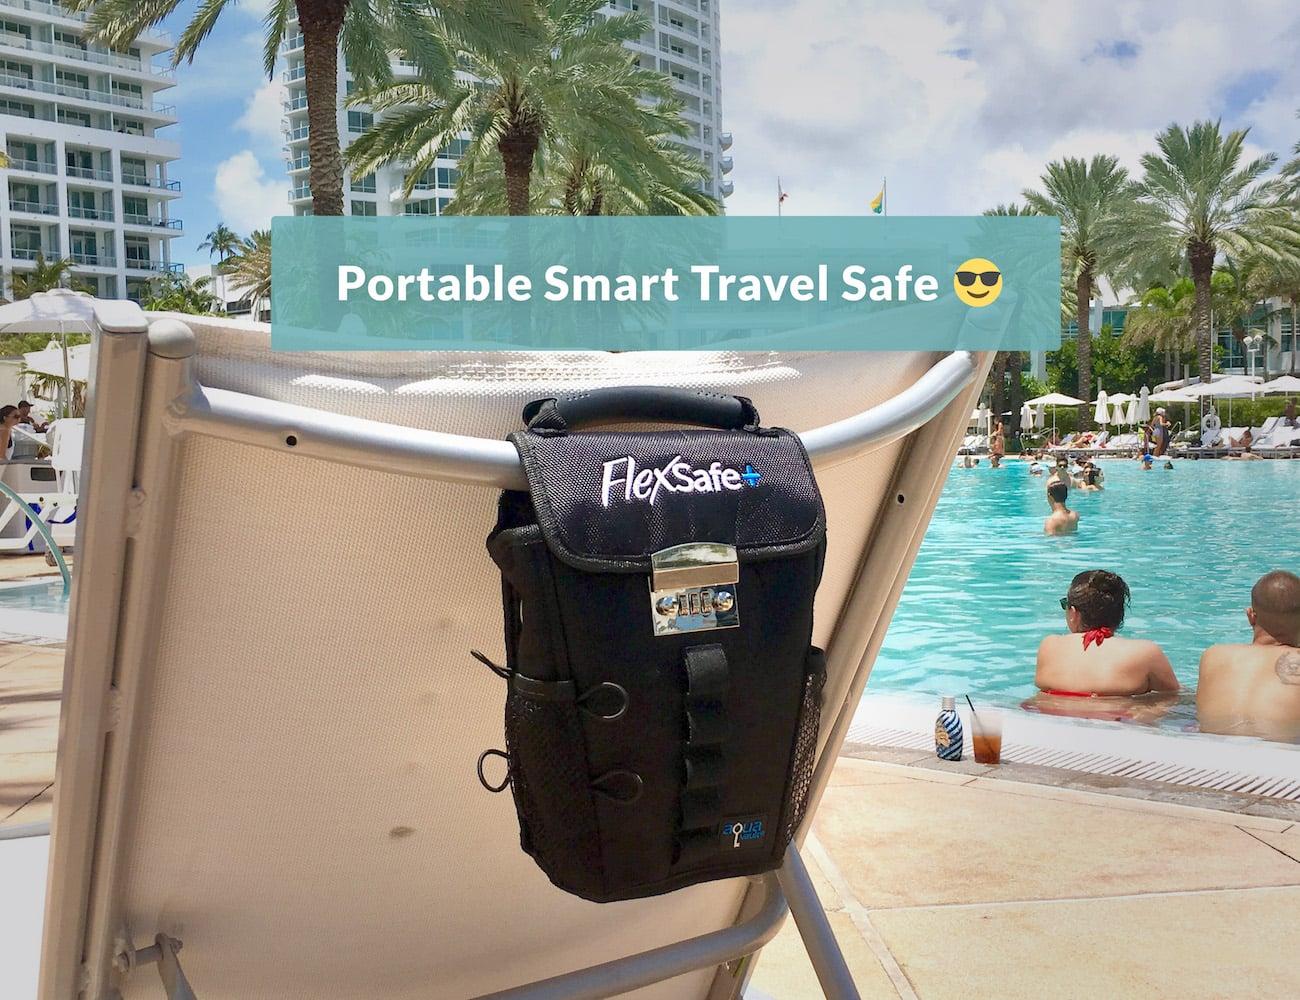 FlexSafe%2B+Portable+Smart+Travel+Safe